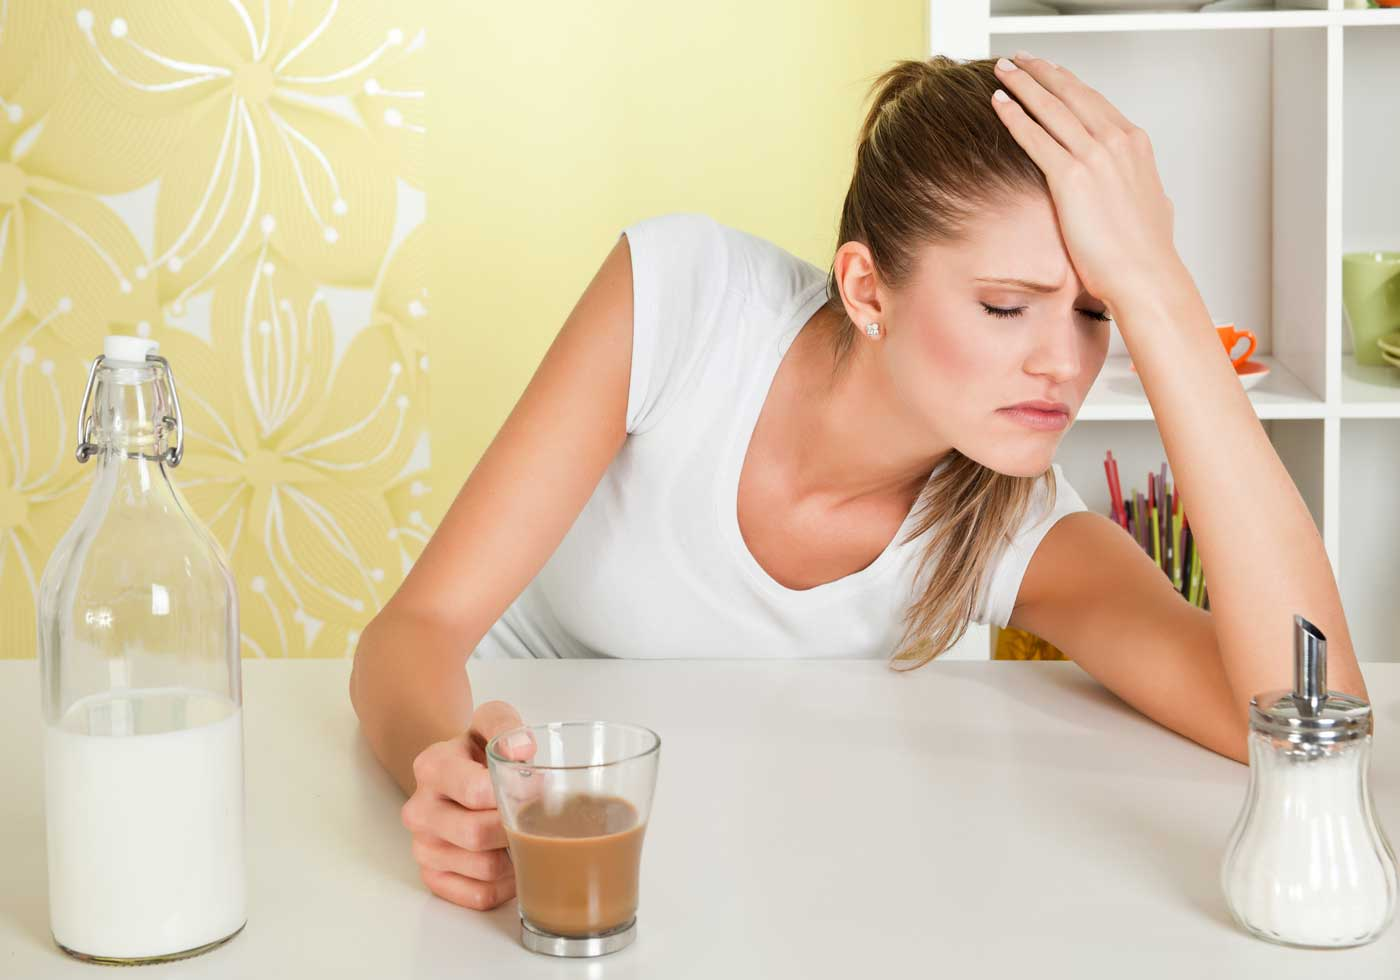 Лечение депрессии в домашних условиях: можно ли вылечить болезнь самостоятельно?